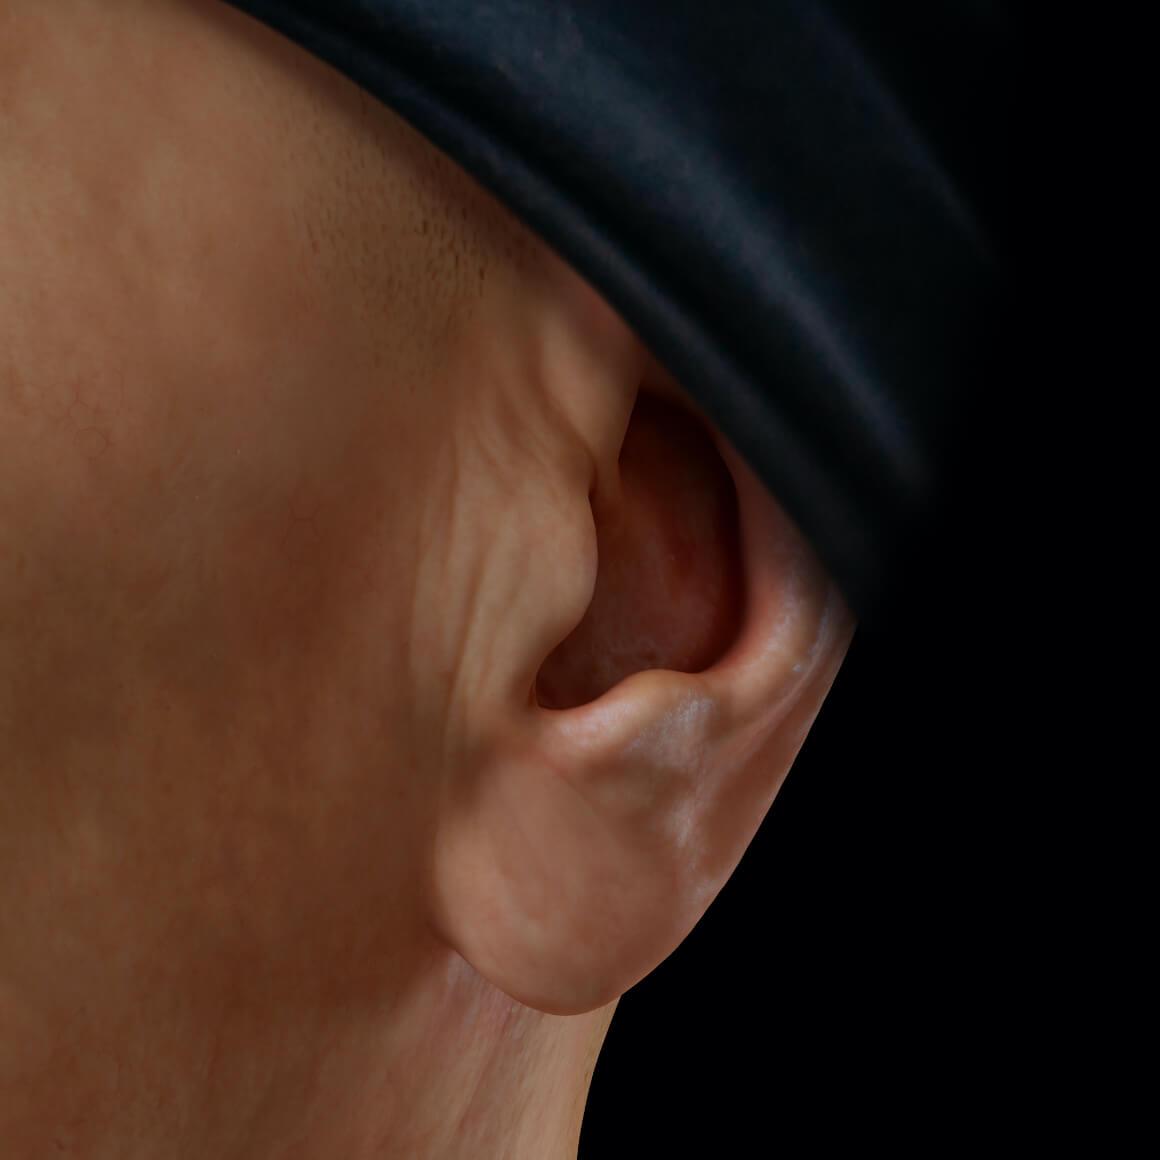 Lobe d'oreille d'un patient de la Clinique Chloé en angle après un traitement avec des injections d'agents de comblement